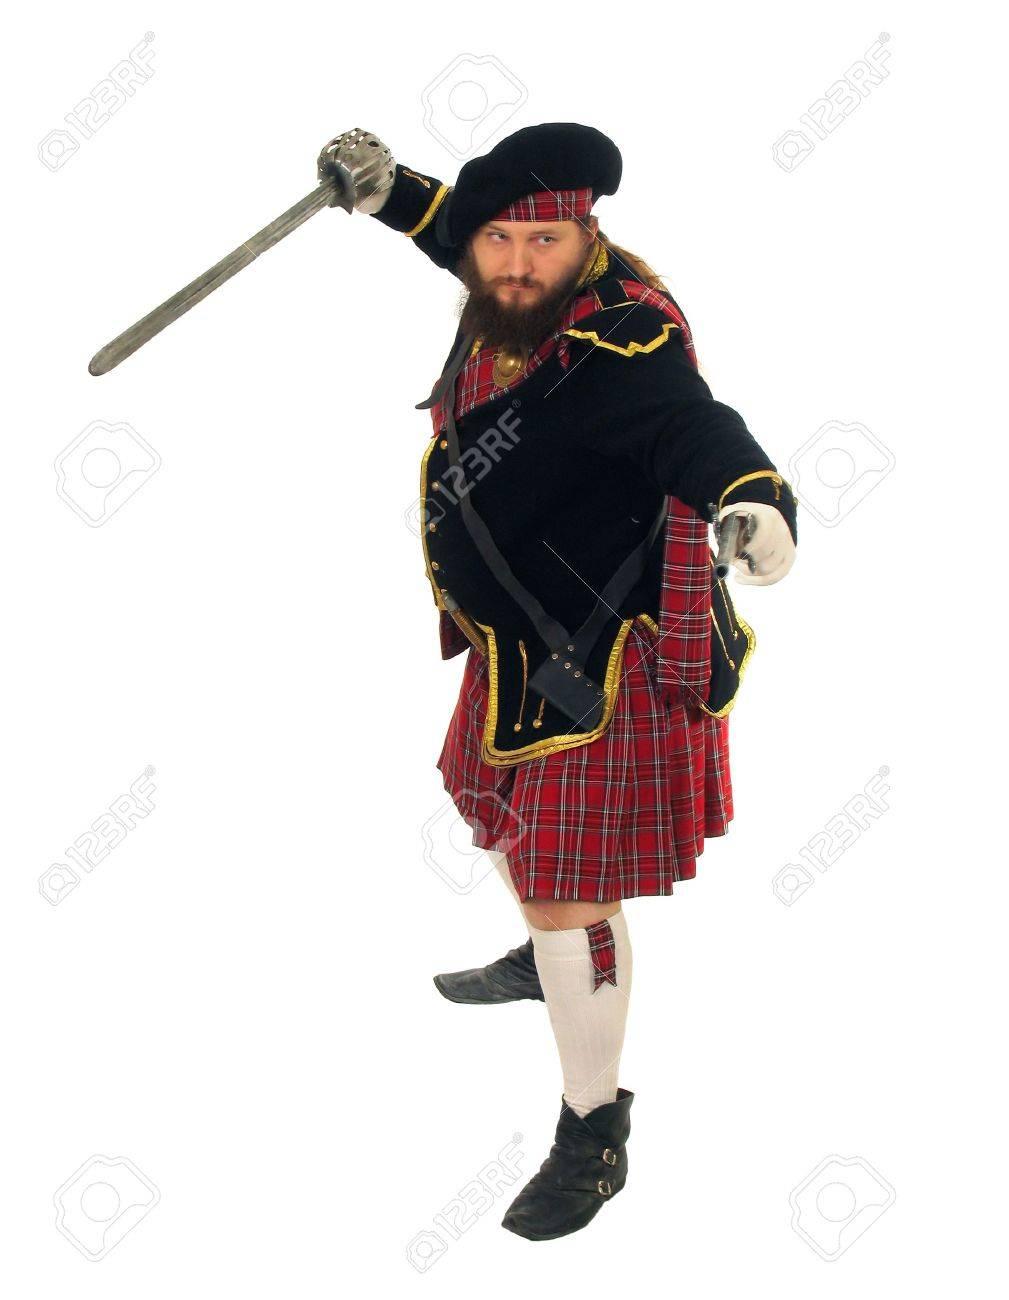 Scottish Warrior Stock Photos & Scottish Warrior Stock Images - Alamy